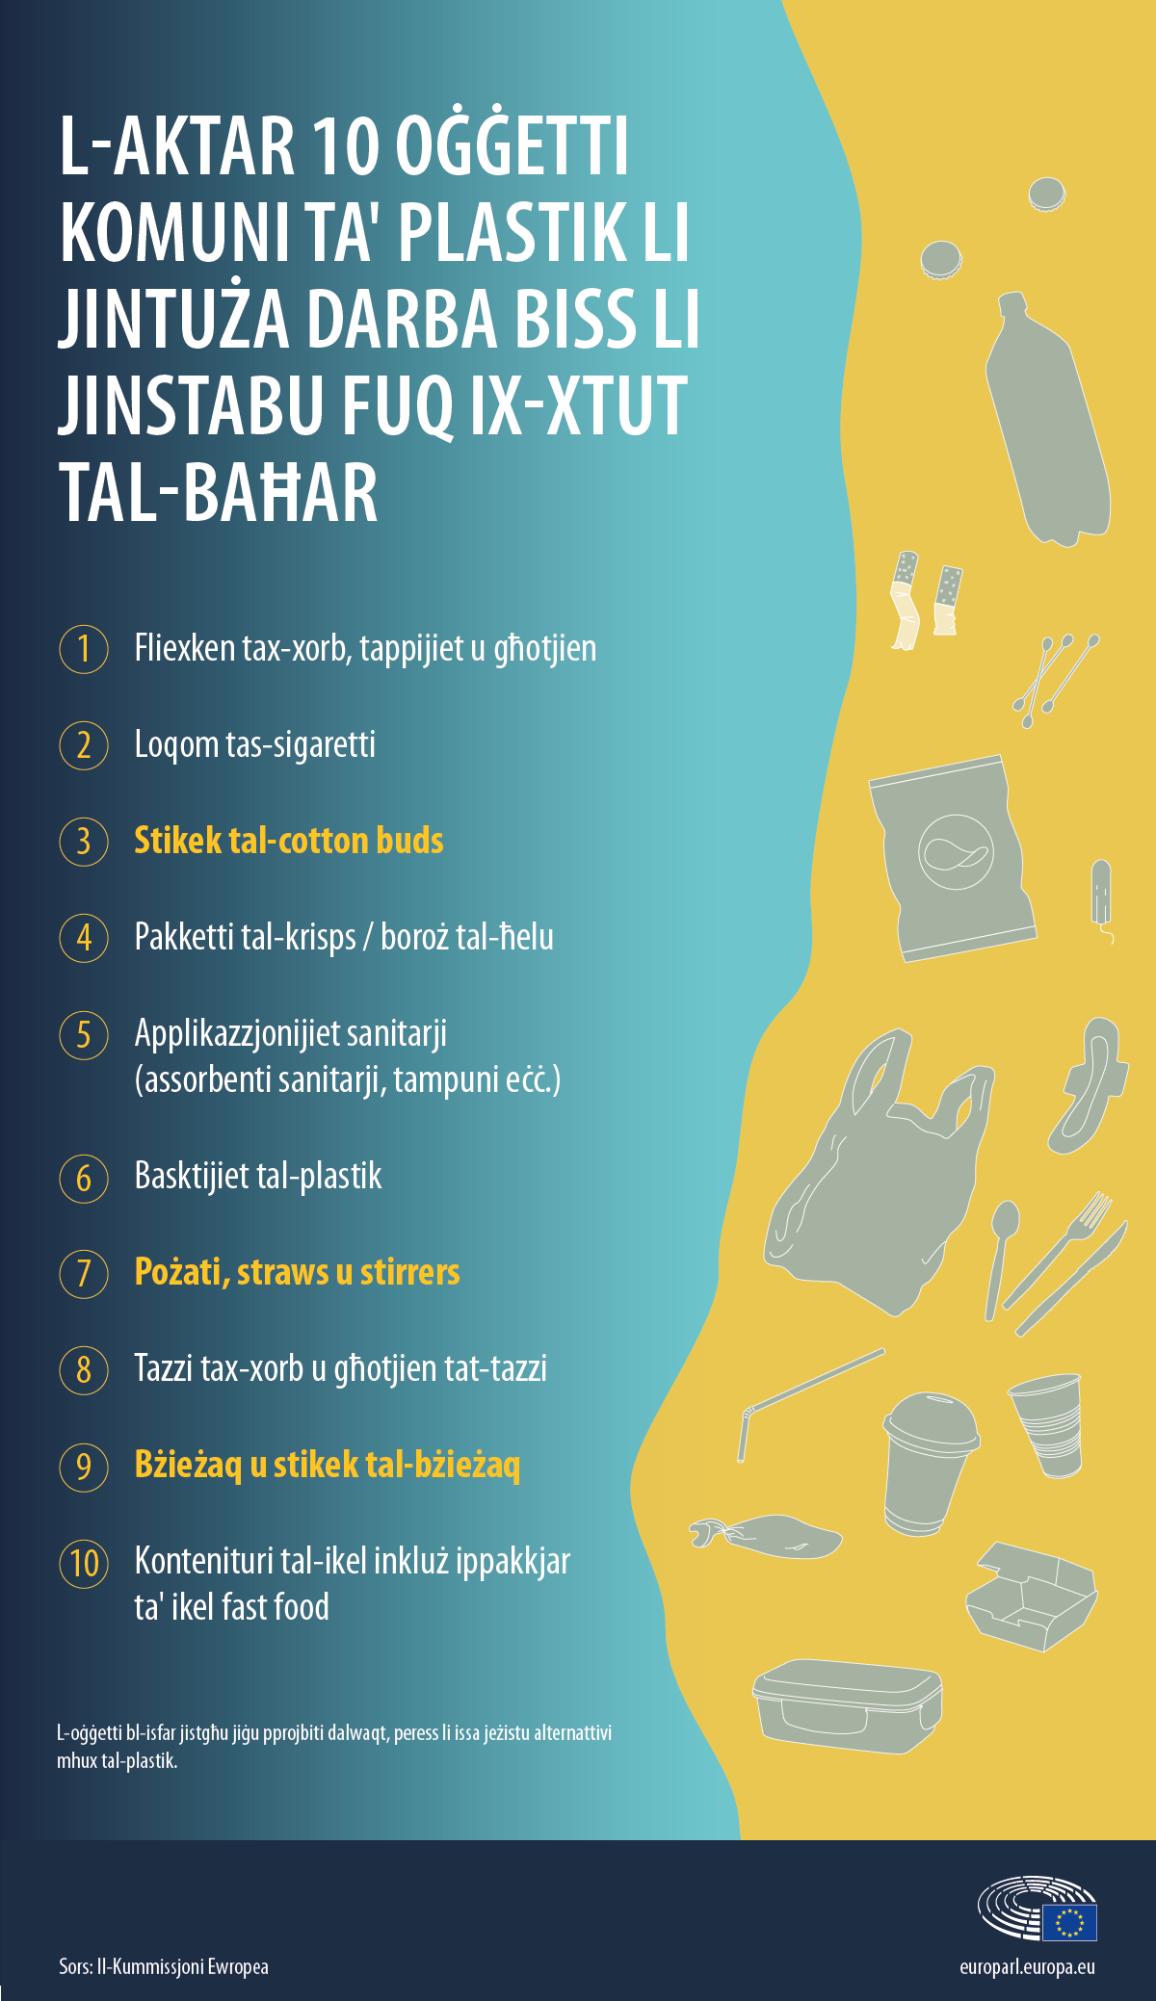 Lista tal-aktar 10 oġġetti tal-plastik li jinstabu fuq il-bajjiet